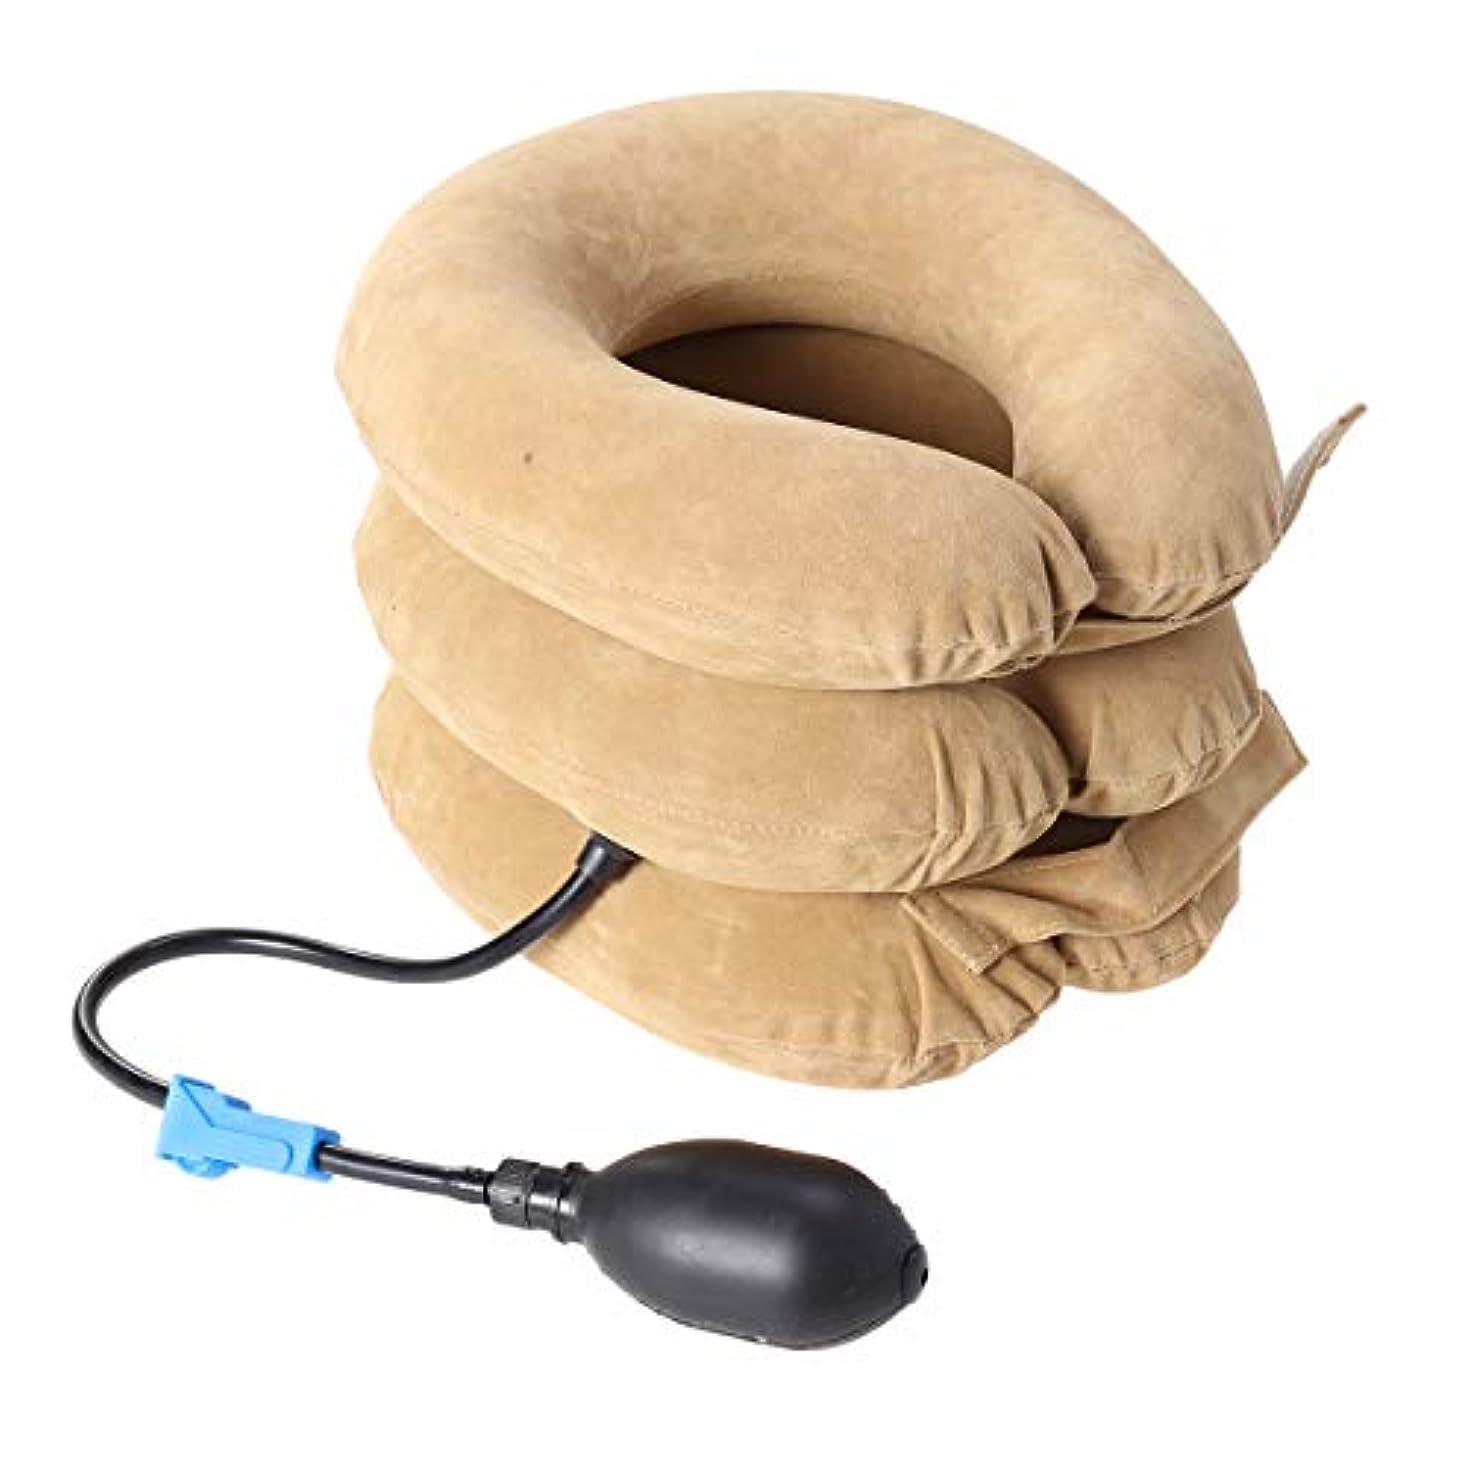 形願う水素ポンプ首のマッサージャーが付いている膨脹可能な頚部首の牽引つばの三層の装具の椎骨サポートベルト